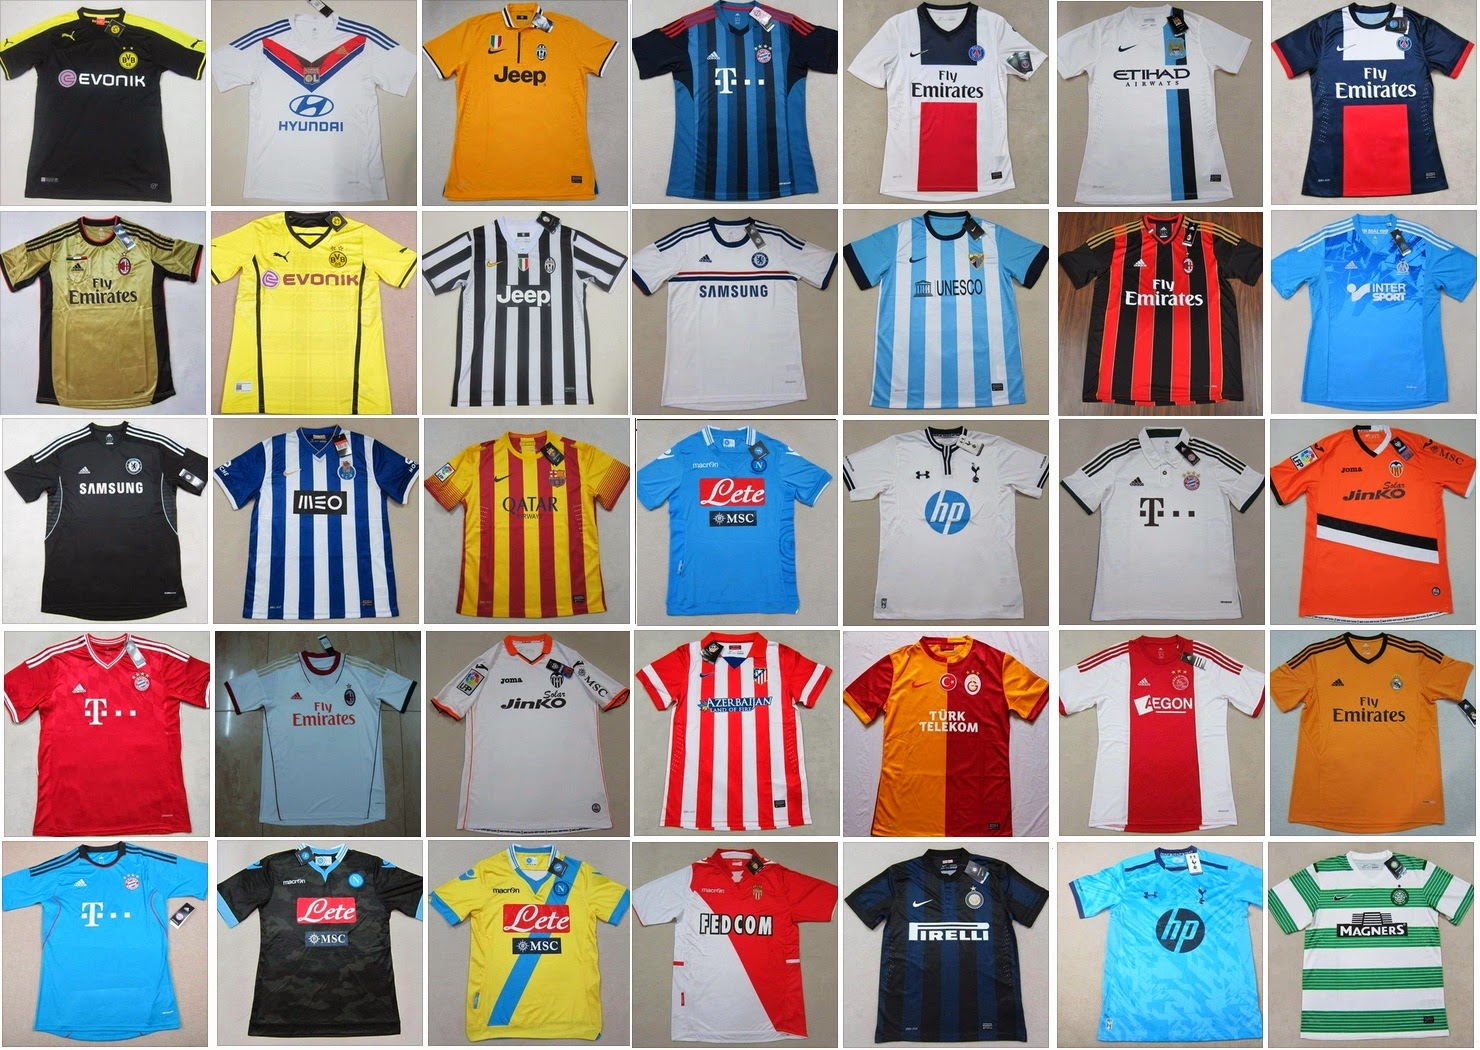 ececfbfd3fcfa Estamos vendiendo las camisetas de los equipos del fútbol europeo